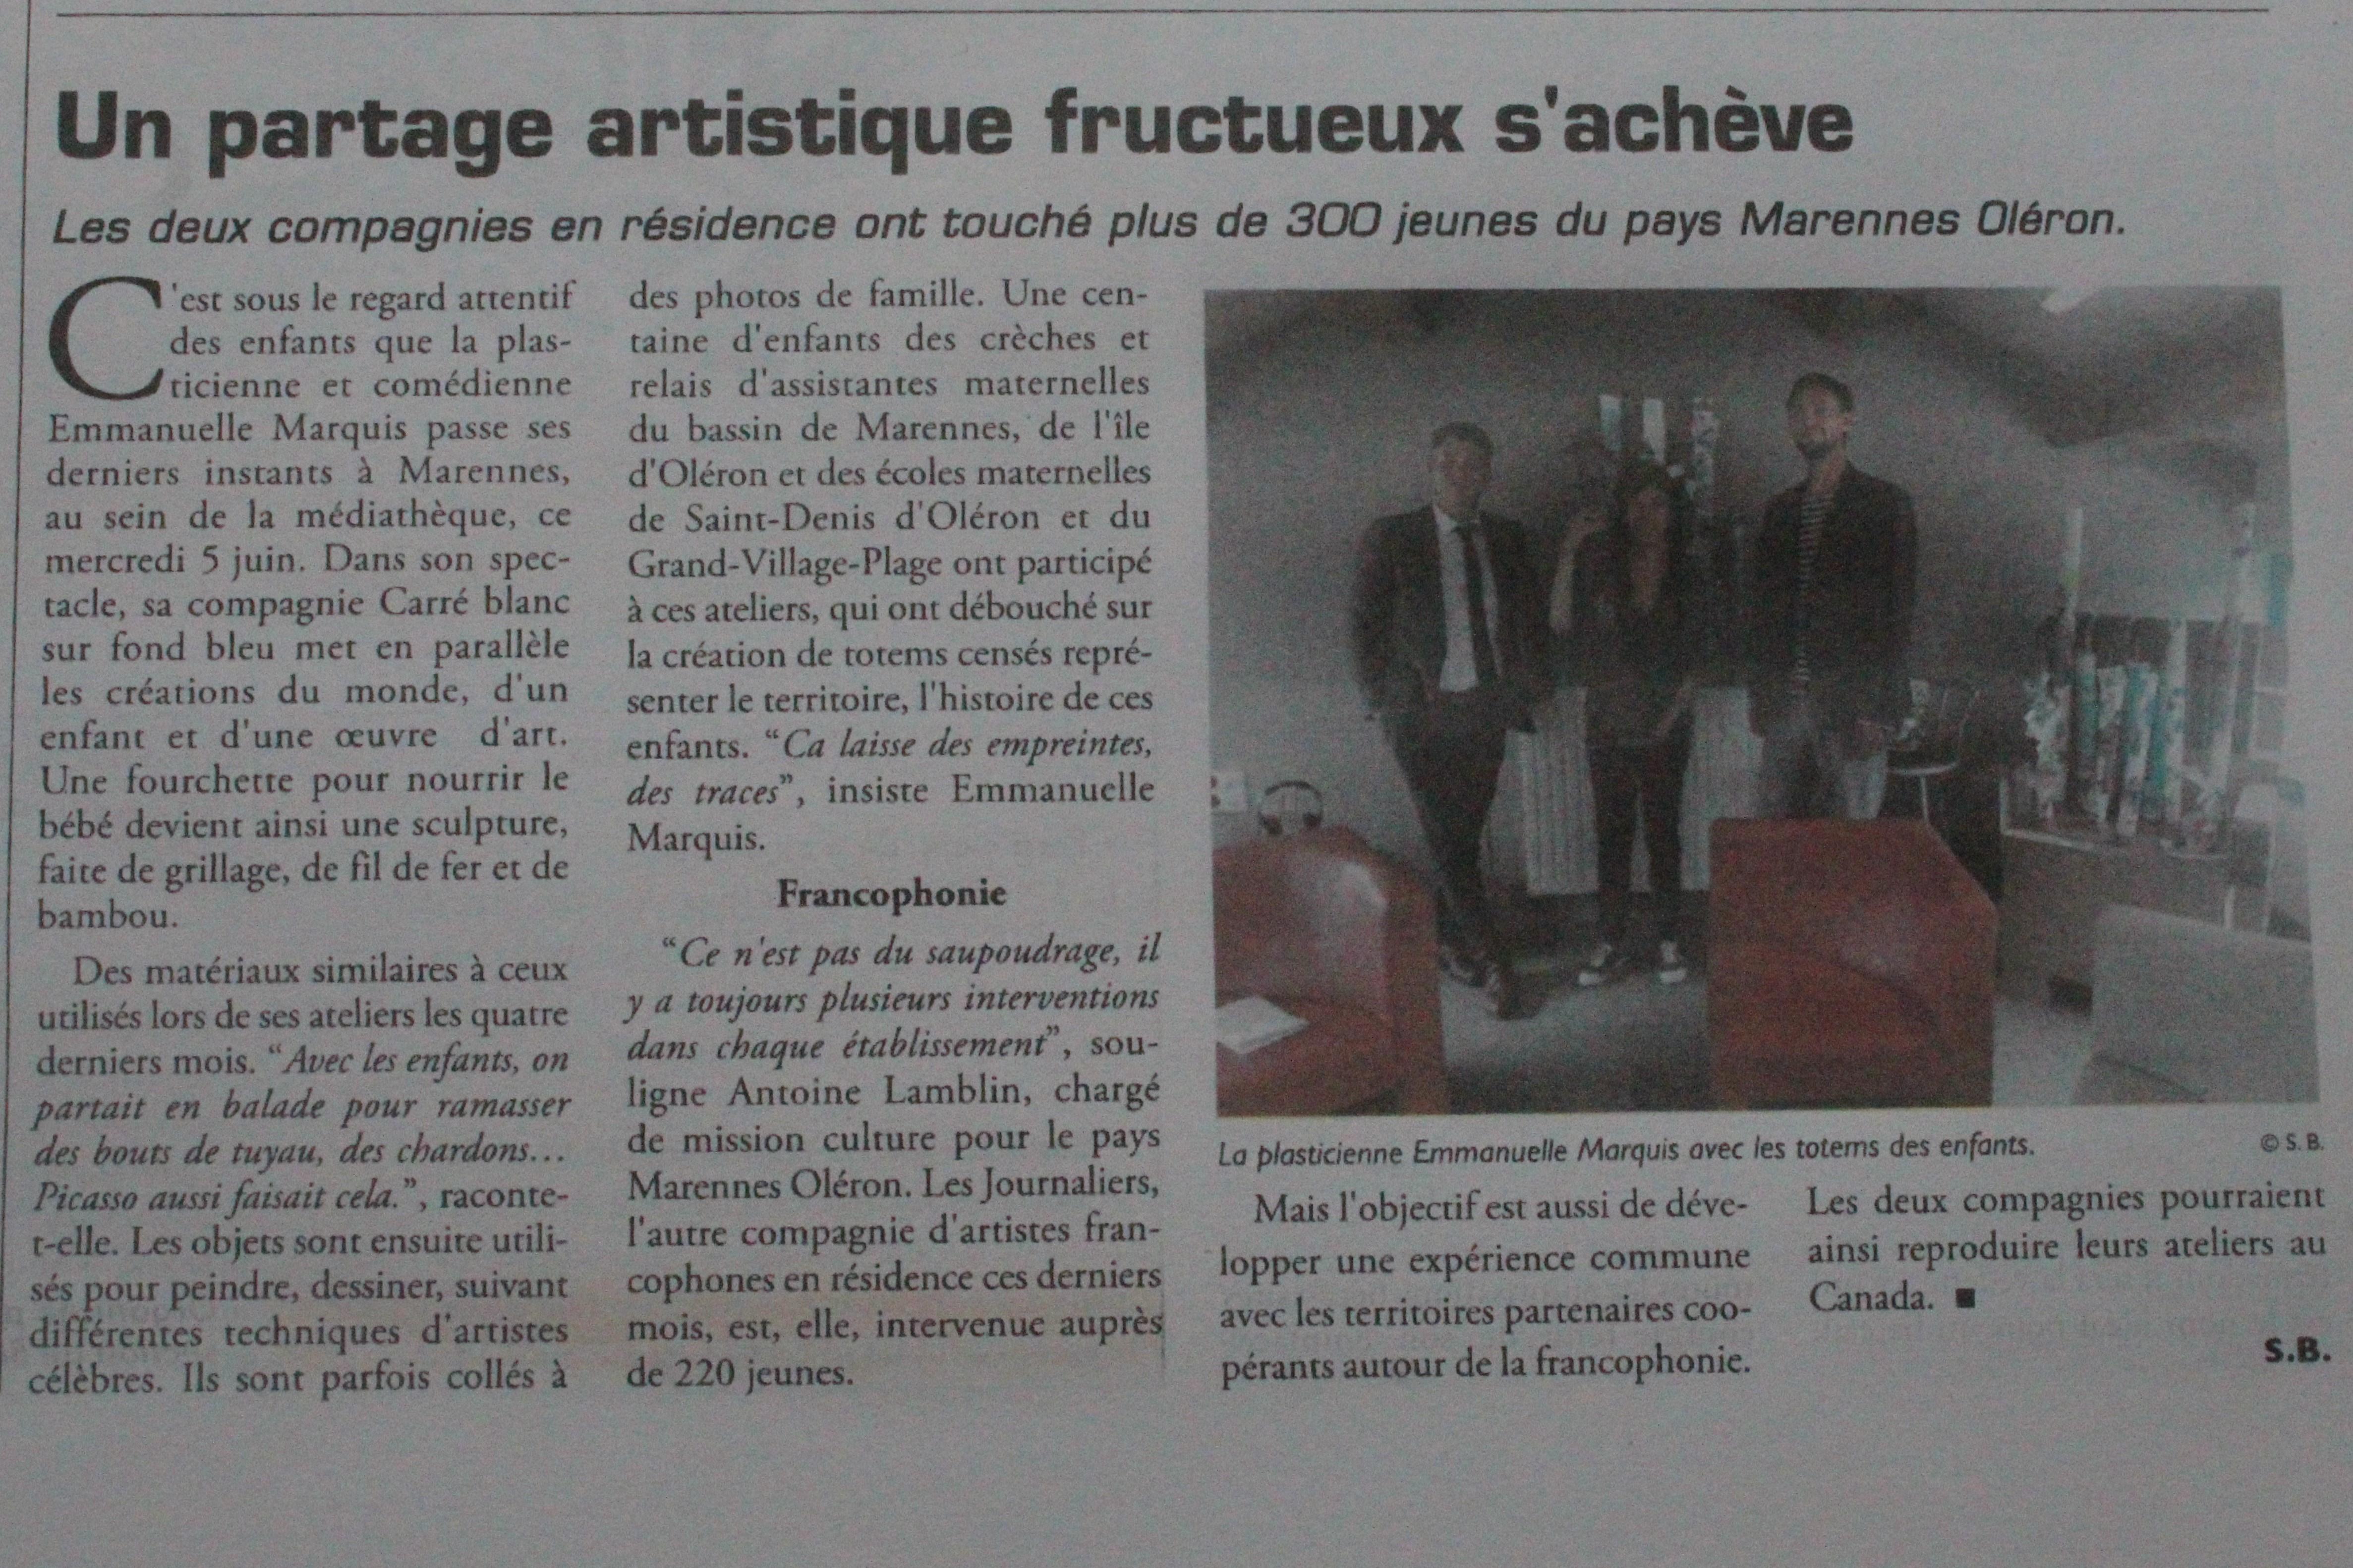 Article_a la_recherche_de_pablo_carre_blanc_sur_fond_bleu